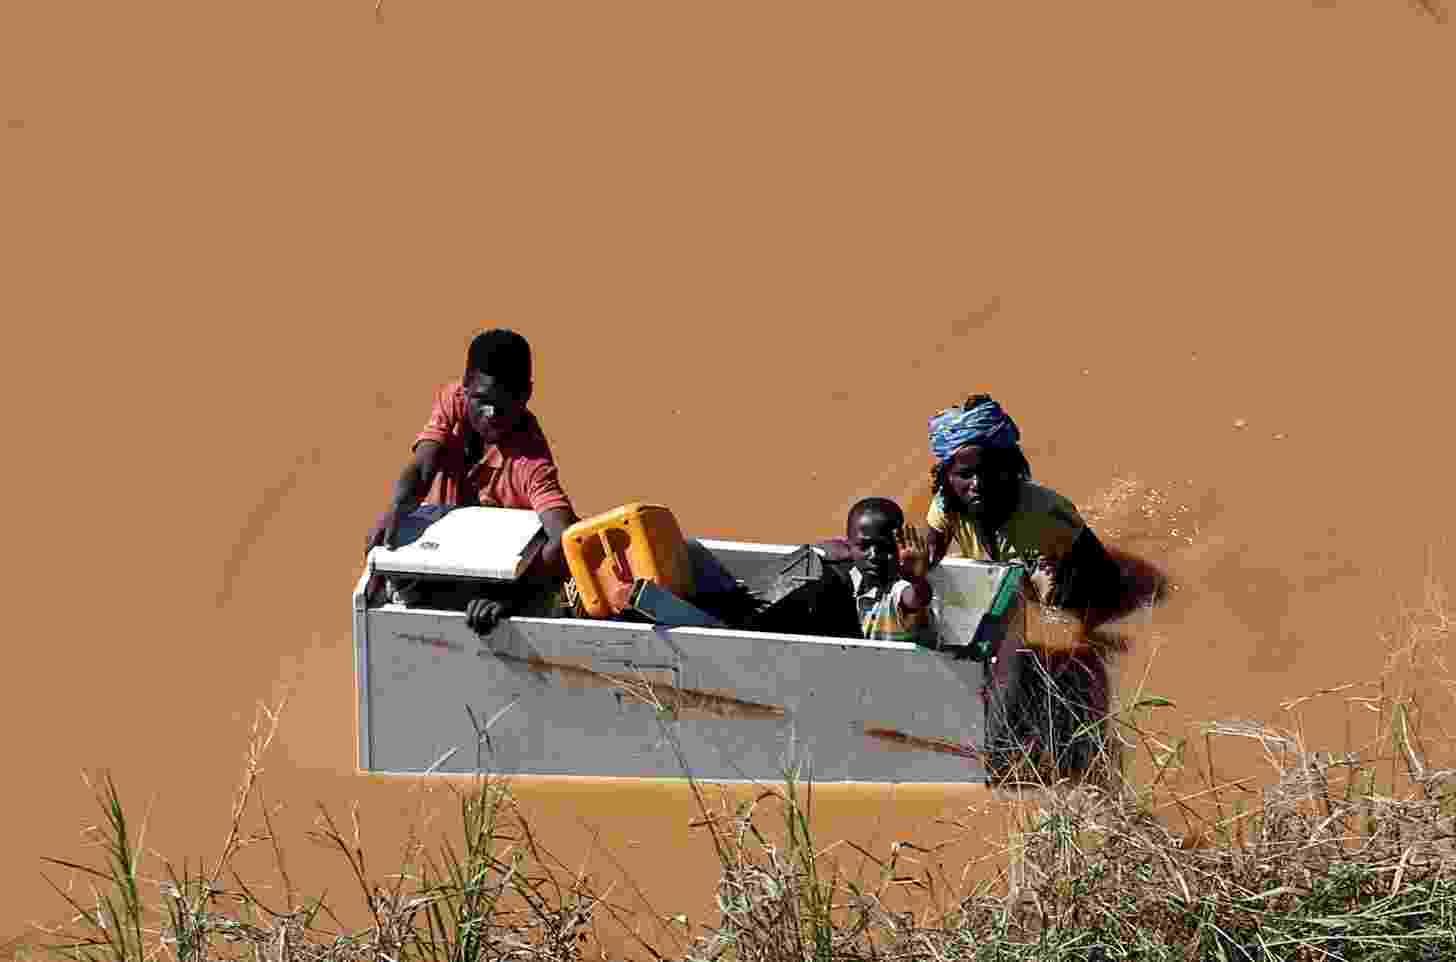 21.mar.2019 - Criança é transportada dentro de uma geladeira durante as inundações causadas pelo ciclone Idai, em Buzi, Moçambique - Siphiwe Sibeko/Reuters